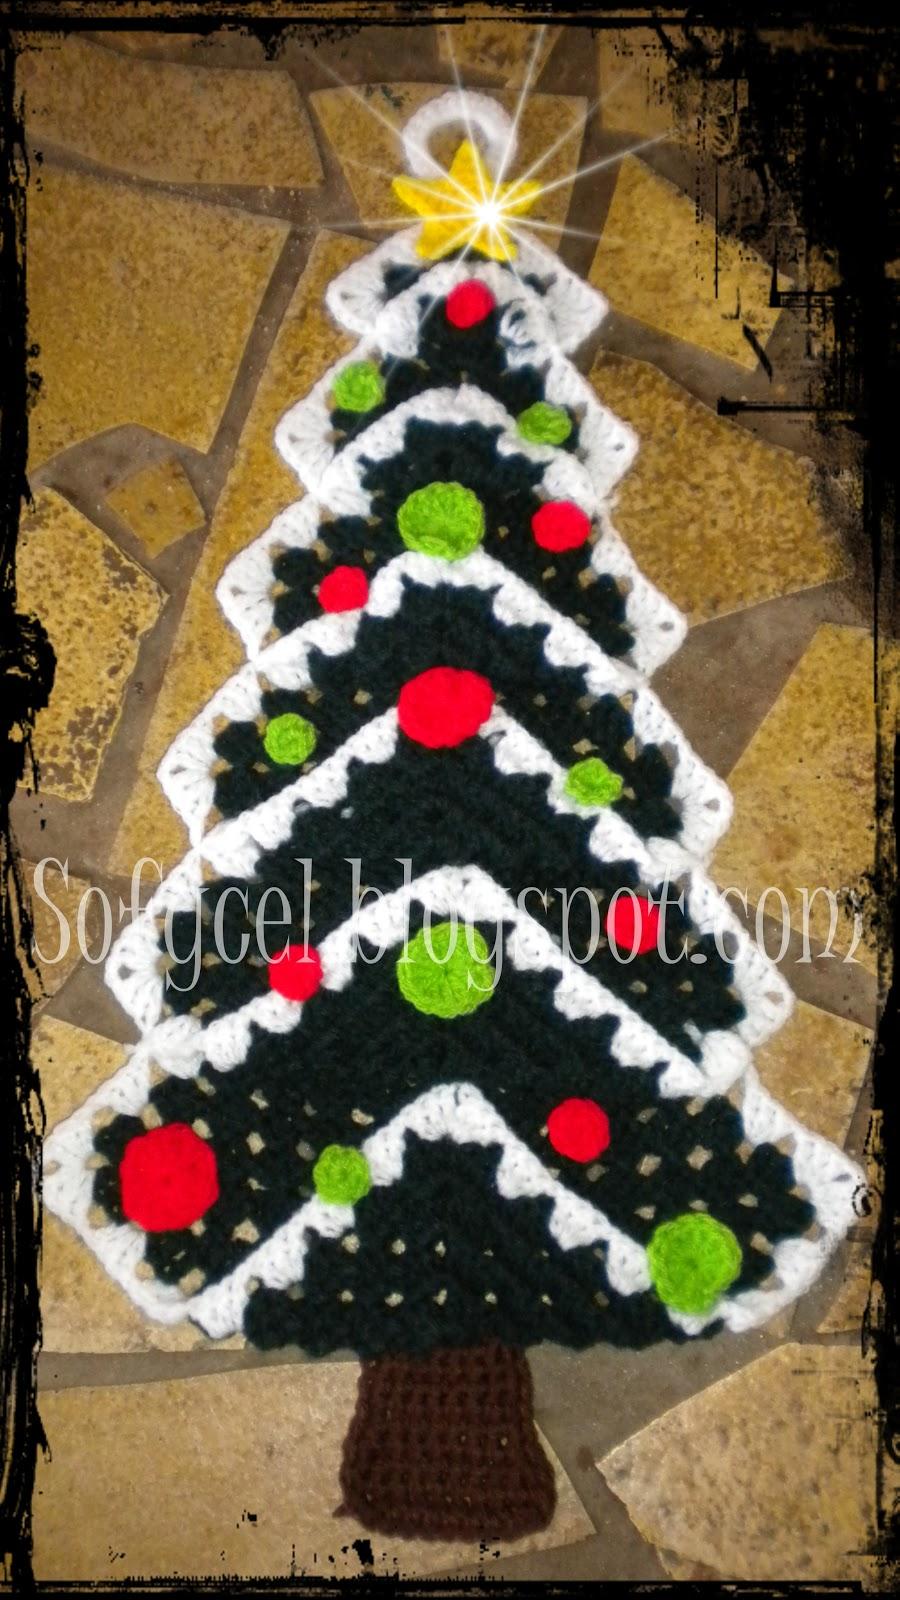 Sofycel Creaciones La Navidad Se Acerca